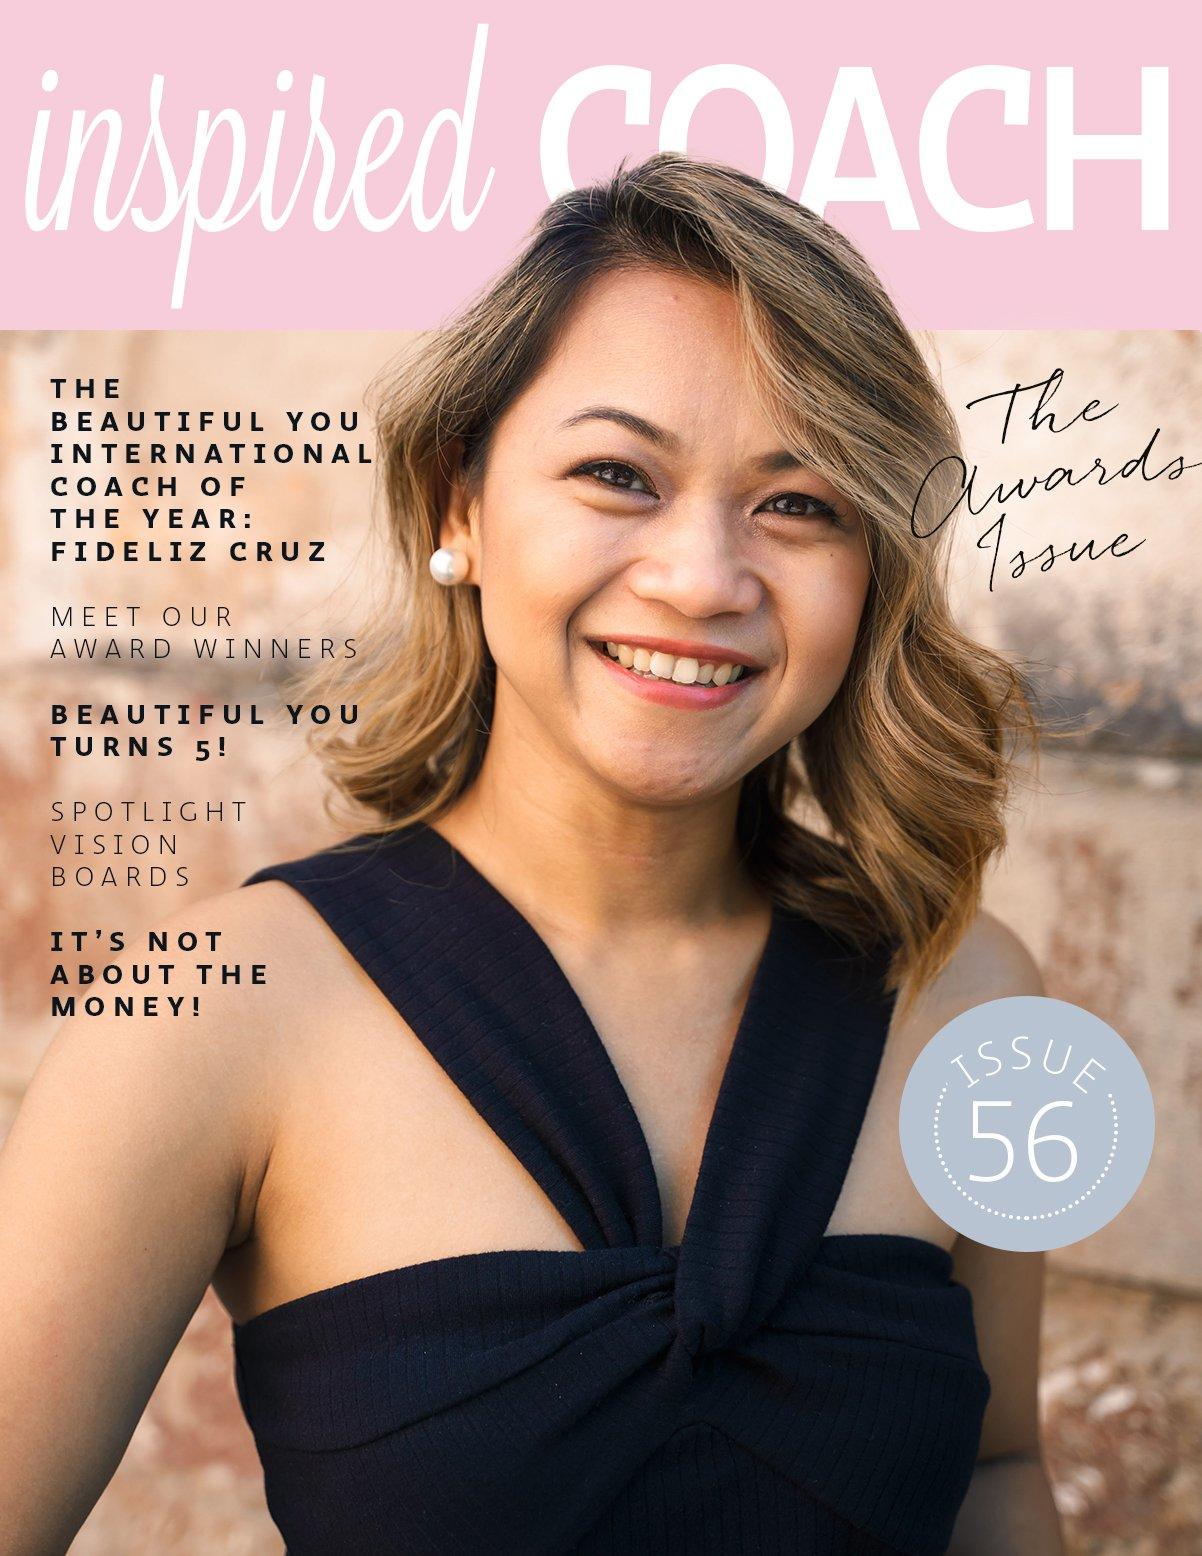 inspired COACH Magazine with Fideliz Cruz